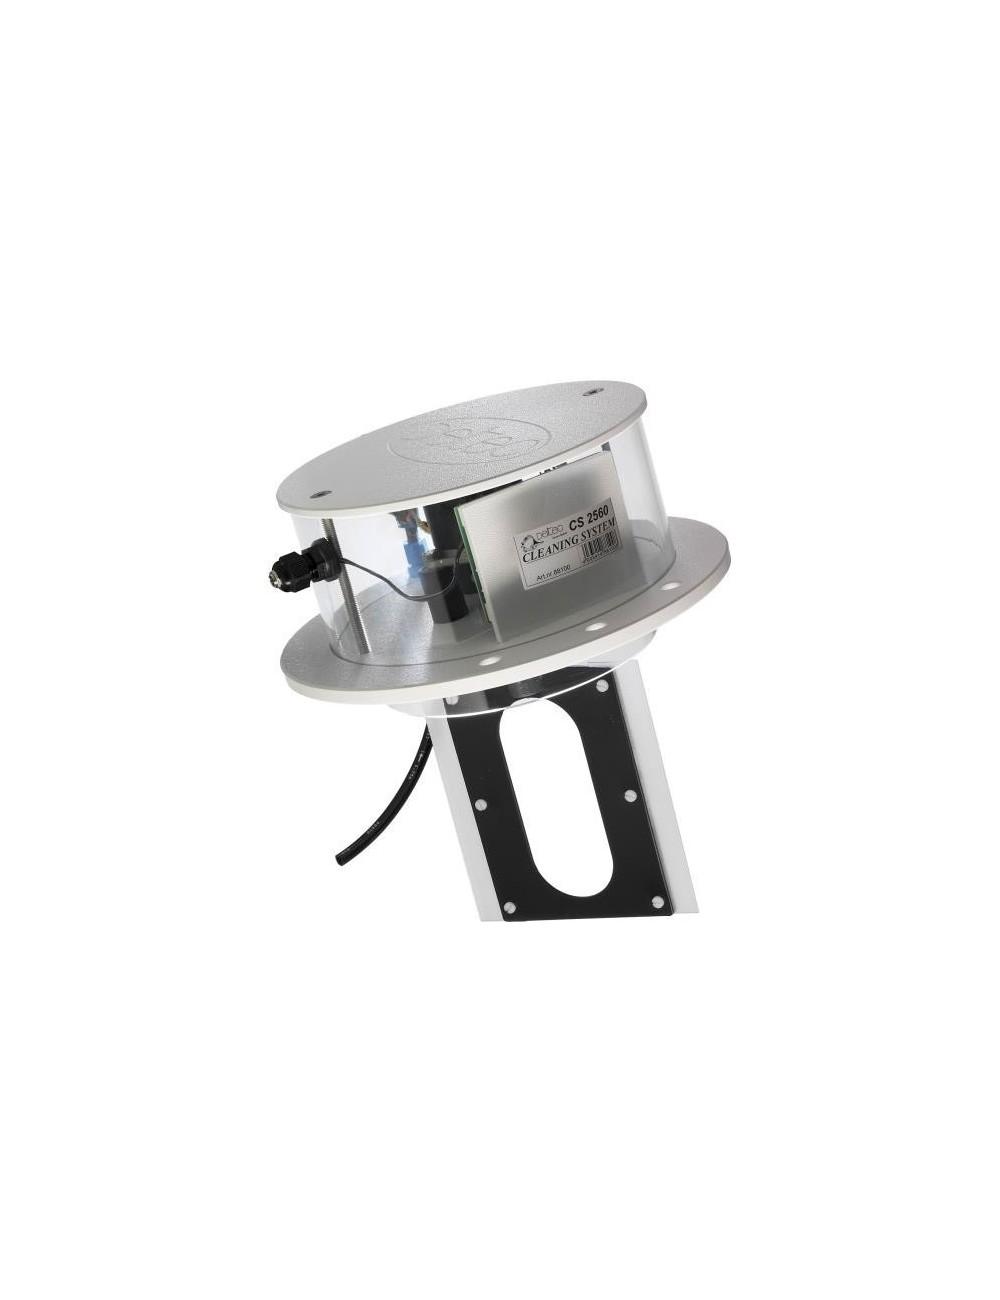 Système de nettoyage automatique pour tous les écumeurs depuis la série TC/SC 4580 / 4581.